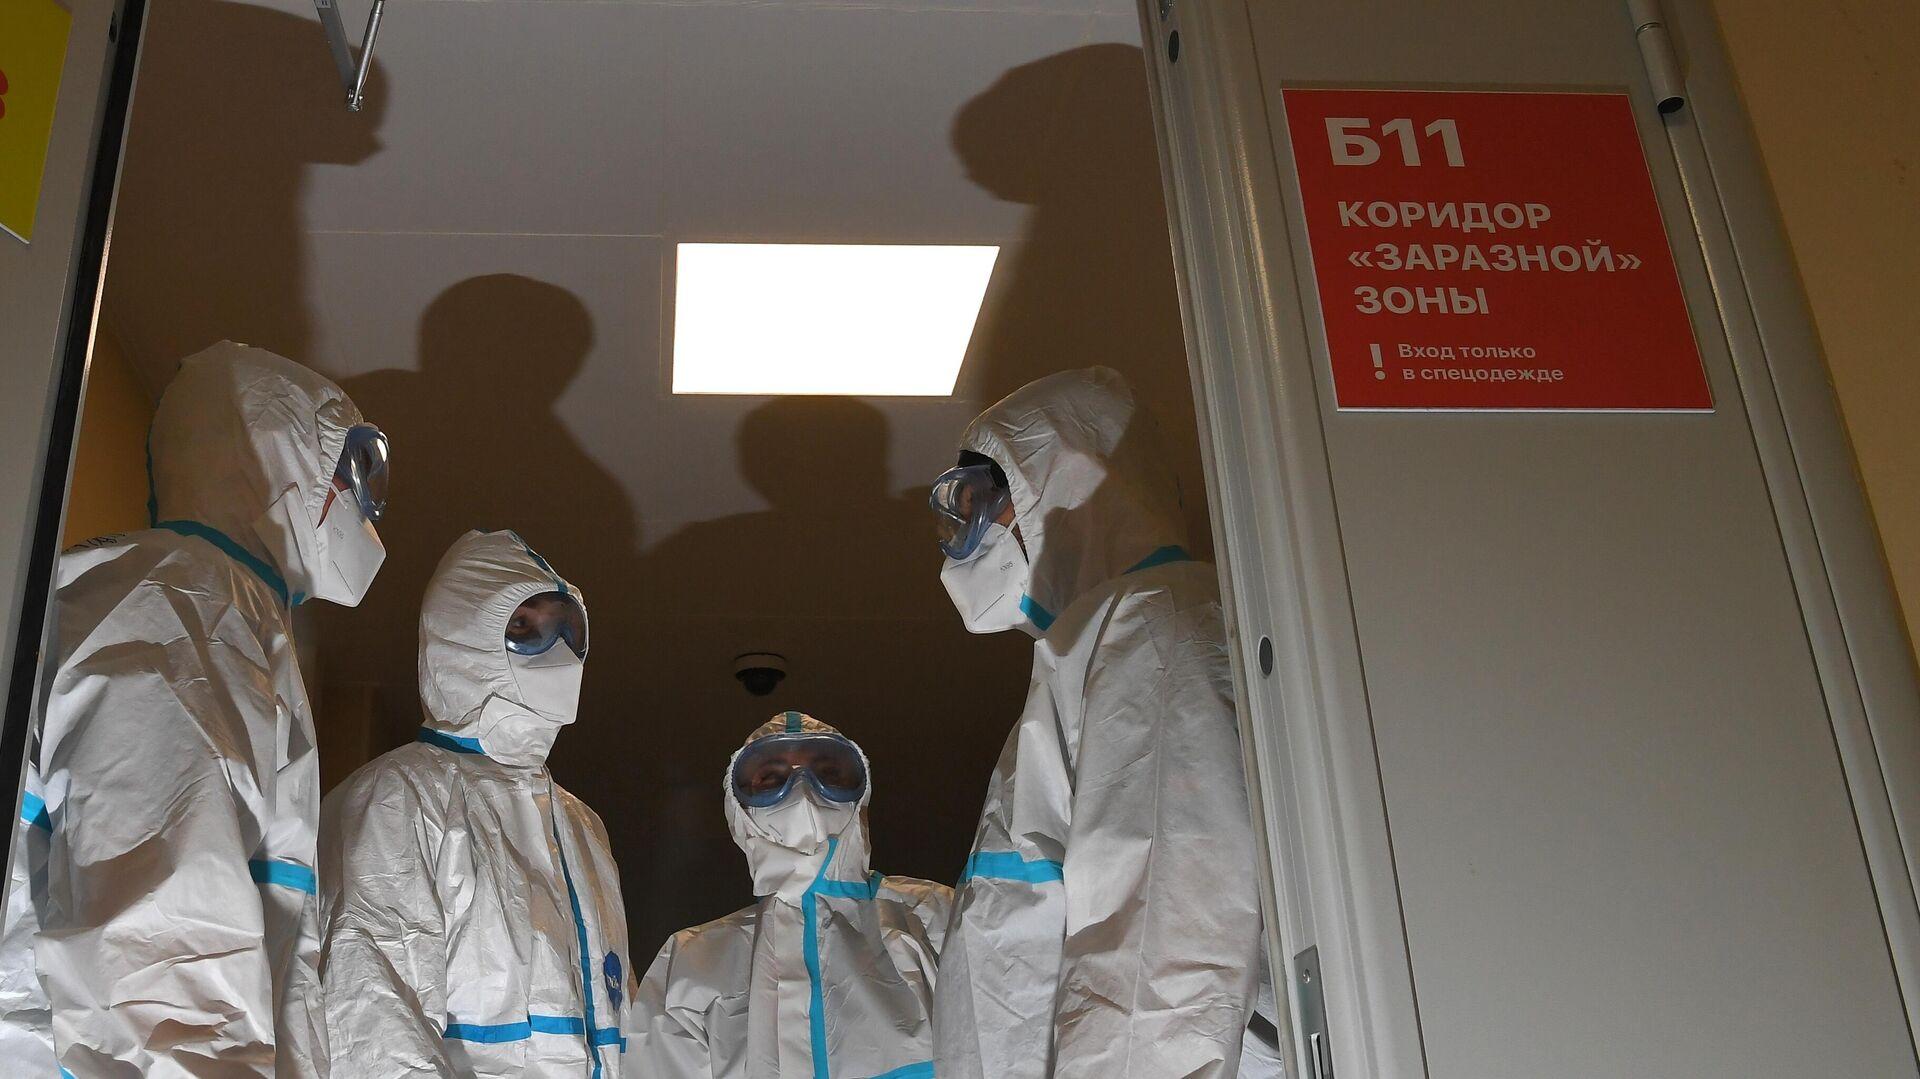 Медицинские работники в герметичном шлюзе в коридоре заразной зоны в МКЦИБ Вороновское  - РИА Новости, 1920, 01.06.2021